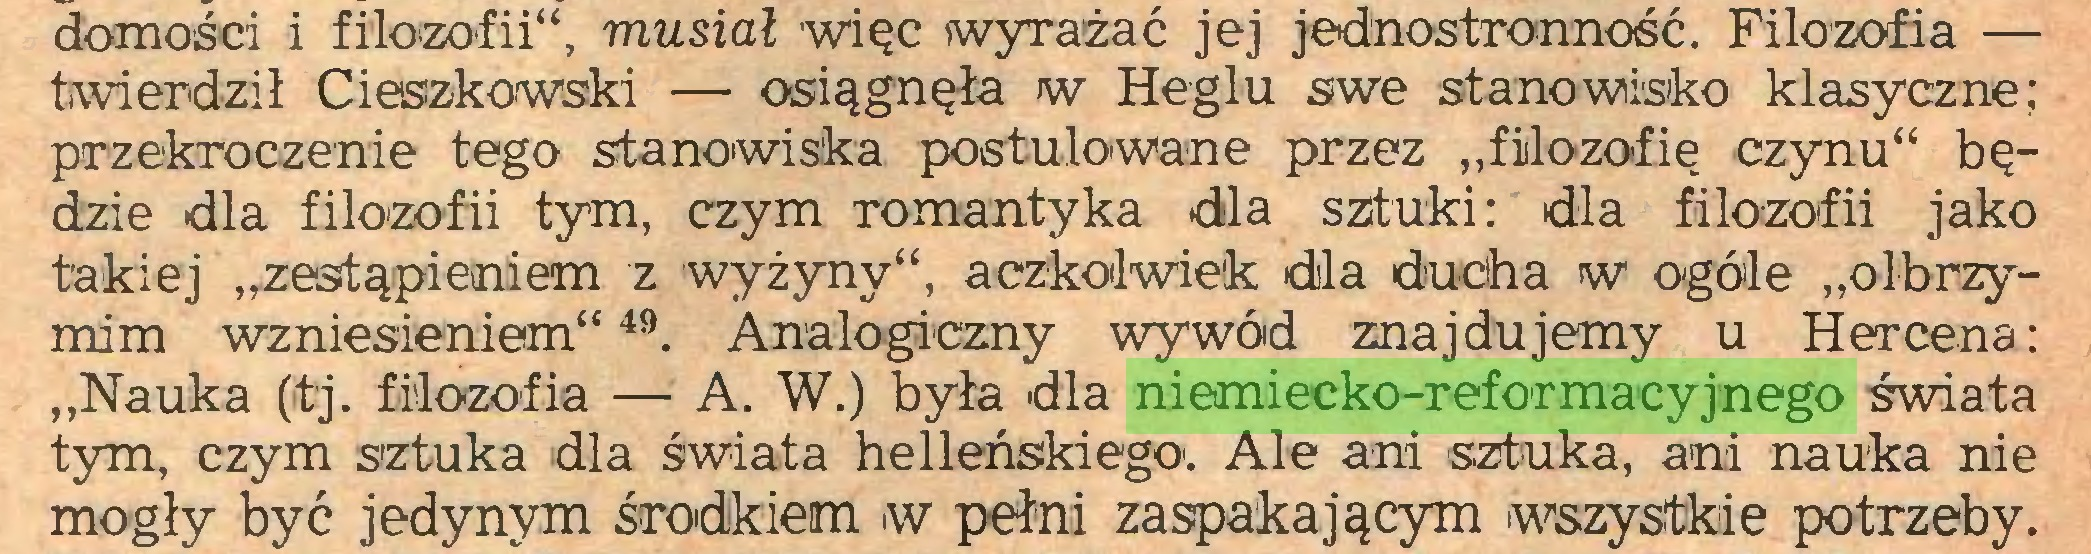 """(...) domości i filozofii"""", musiał więc wyrażać jej jednostronność. Filozofia — twierdził Cieszkowski — osiągnęła w Heglu swe stanowisko klasyczne; przekroczenie tego stanowiska postulowane przez """"filozofię czynu"""" będzie dla filozofii tym, czym romantyka dla sztuki: dla filozofii jako takiej """"zestąpieniem z wyżyny"""", aczkolwiek dla ducha w ogóle """"olbrzymim wzniesieniem""""49. Analogiczny wywód znajdujemy u Hercena: """"Nauka (tj. filozofia — A. W.) była dla niemiecko-reformacyjnego świata tym, czym sztuka dla świata helleńskiego'. Ale ani sztuka, ani nauka nie mogły być jedynym środkiem w pełni zaspakającym wszystkie potrzeby..."""